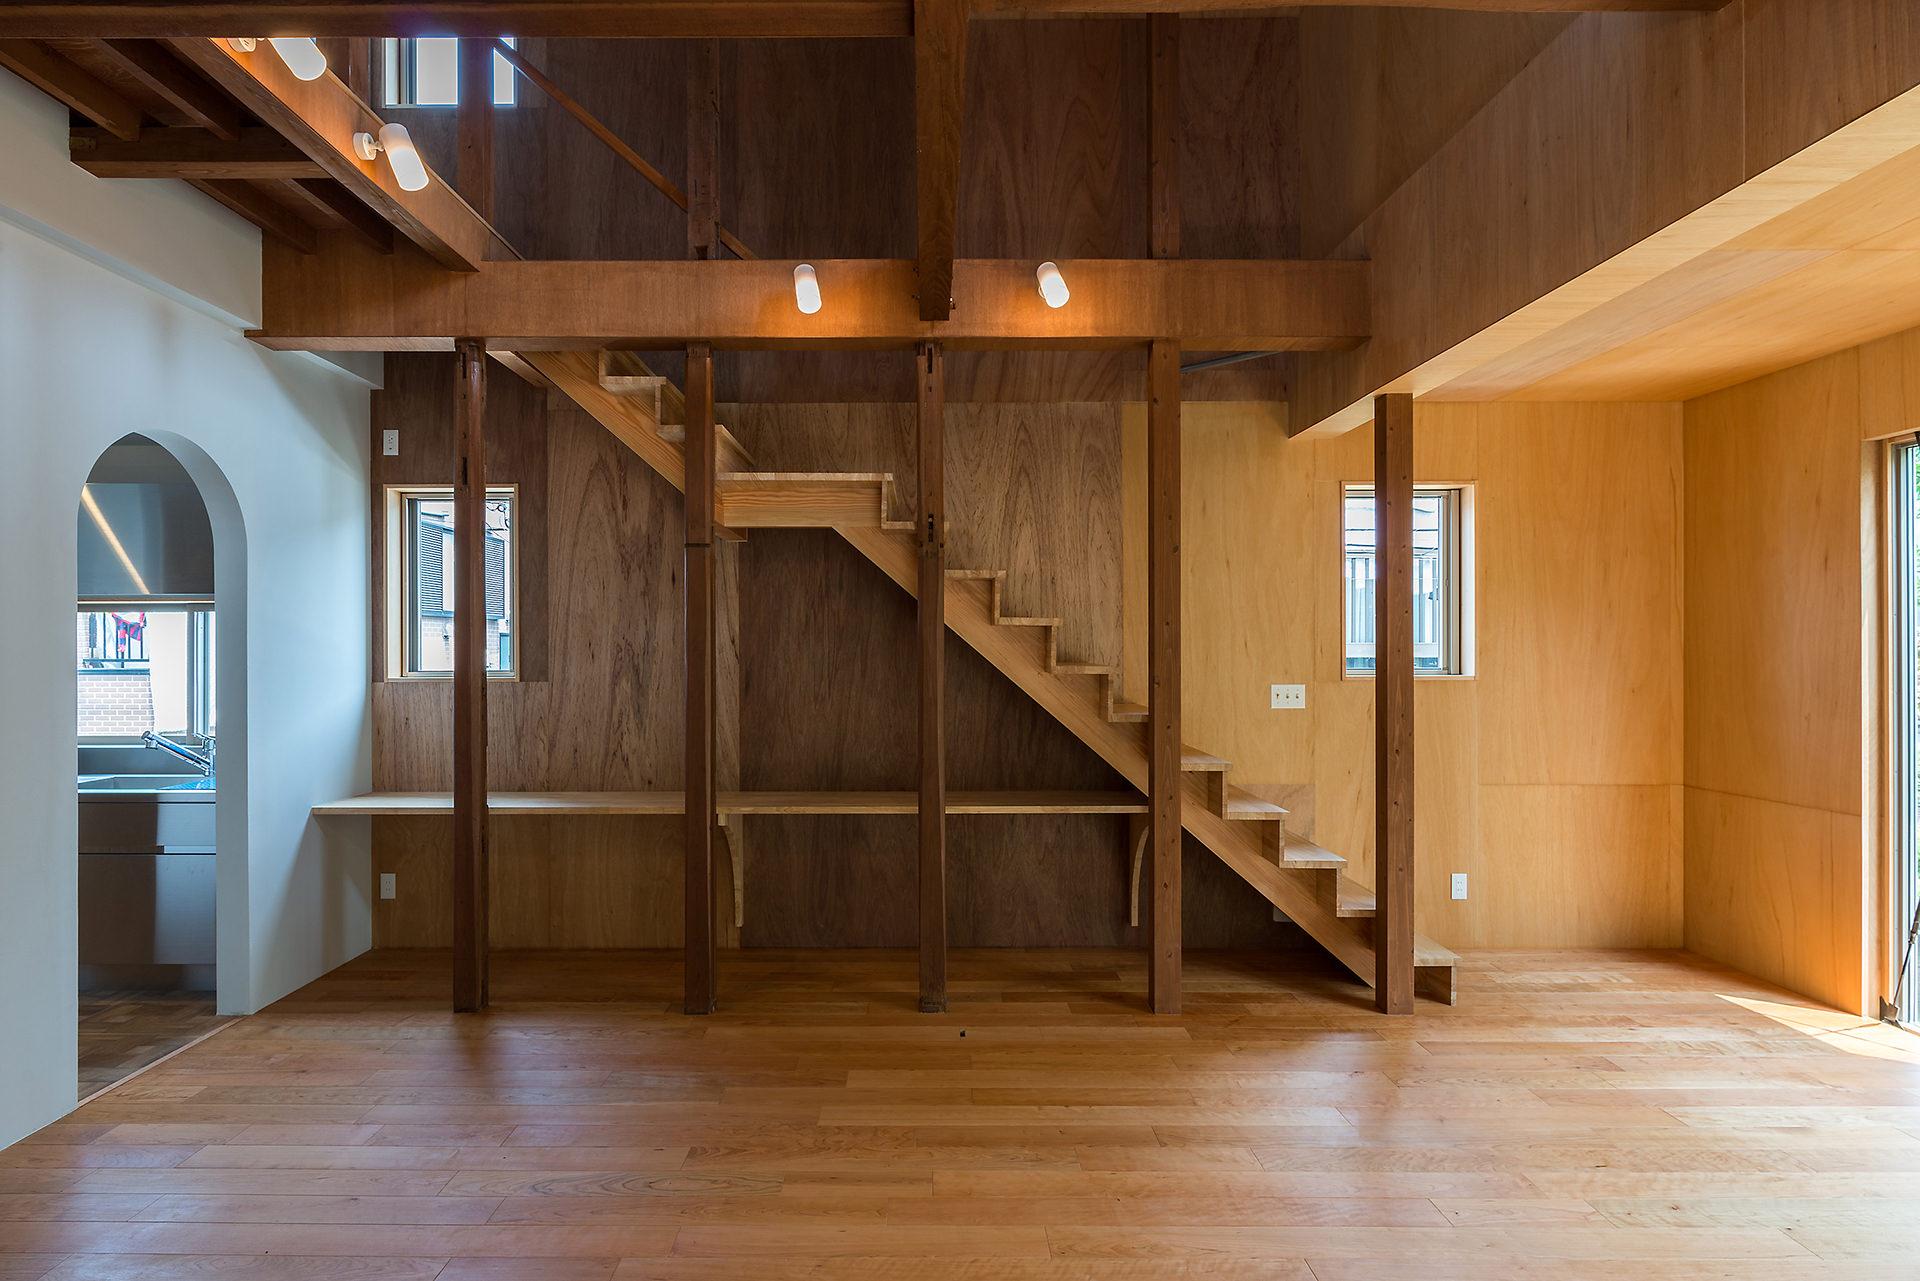 小屋と吹き抜けのある家 イメージ02 撮影:東涌宏和